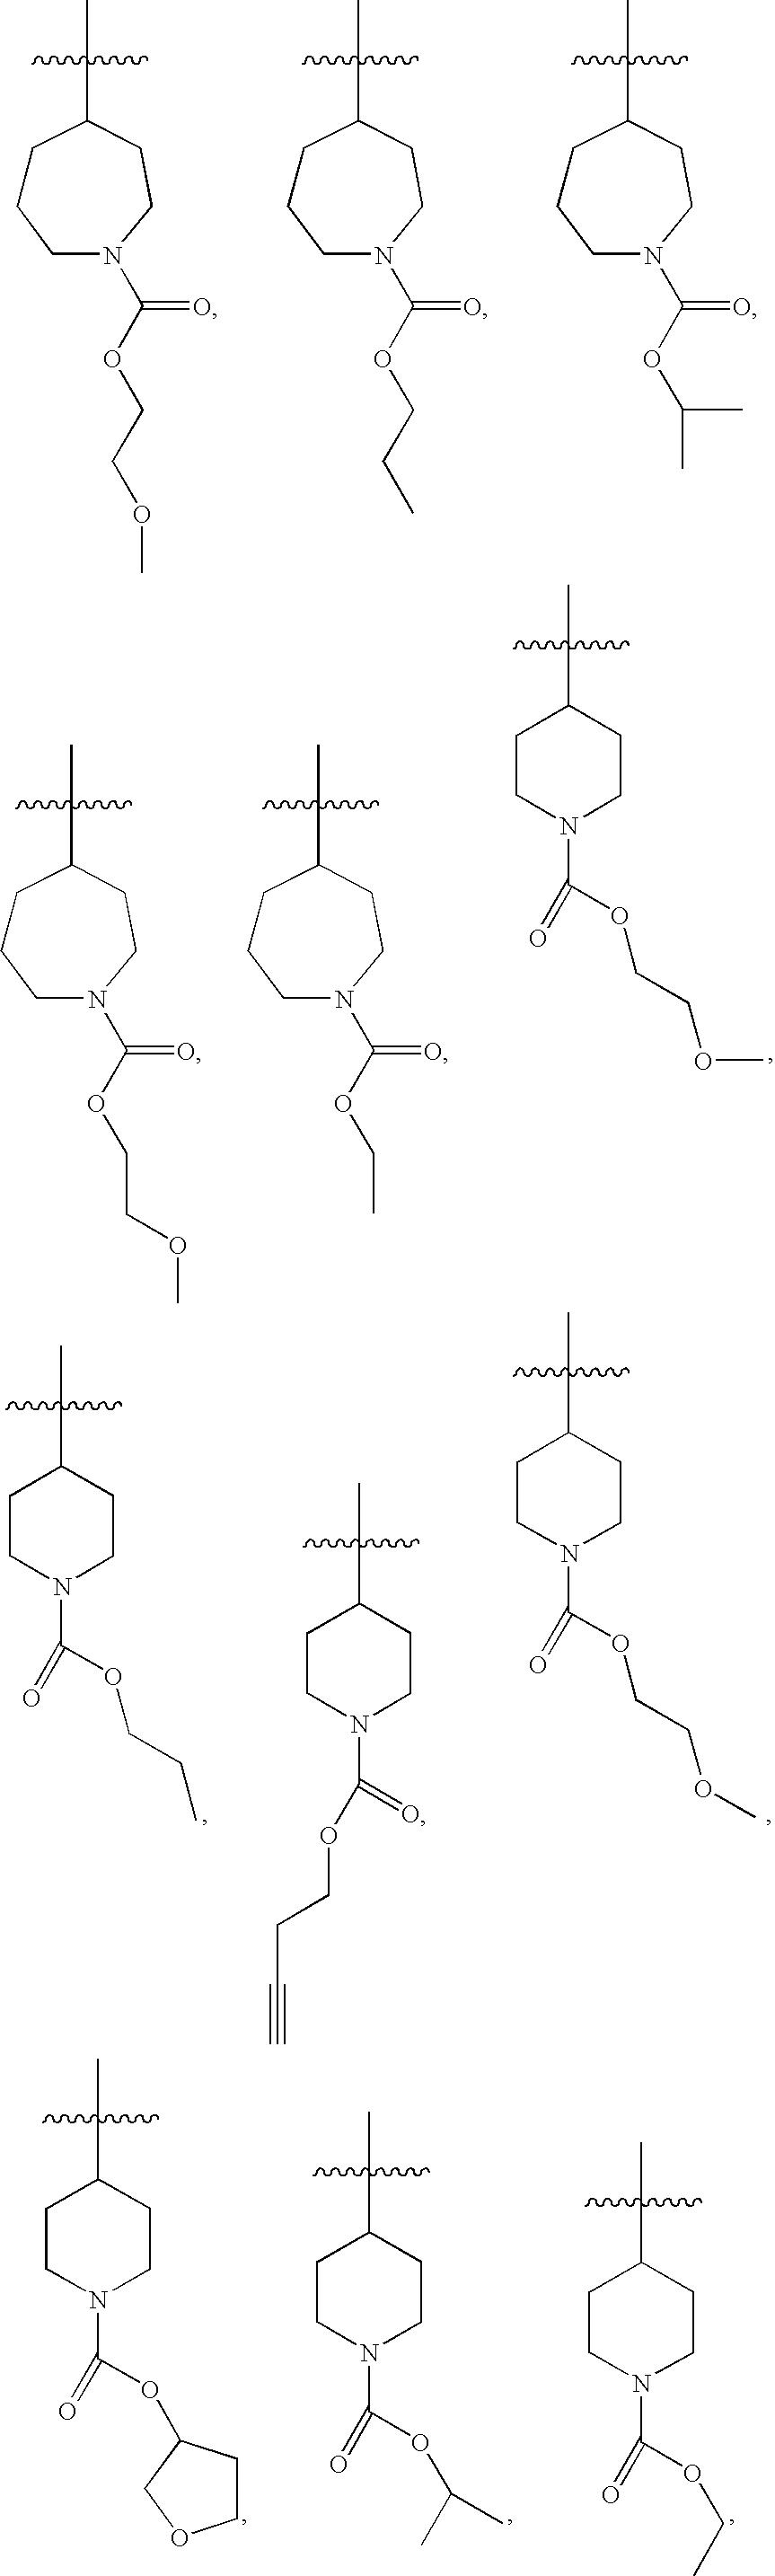 Figure US20070043023A1-20070222-C00010